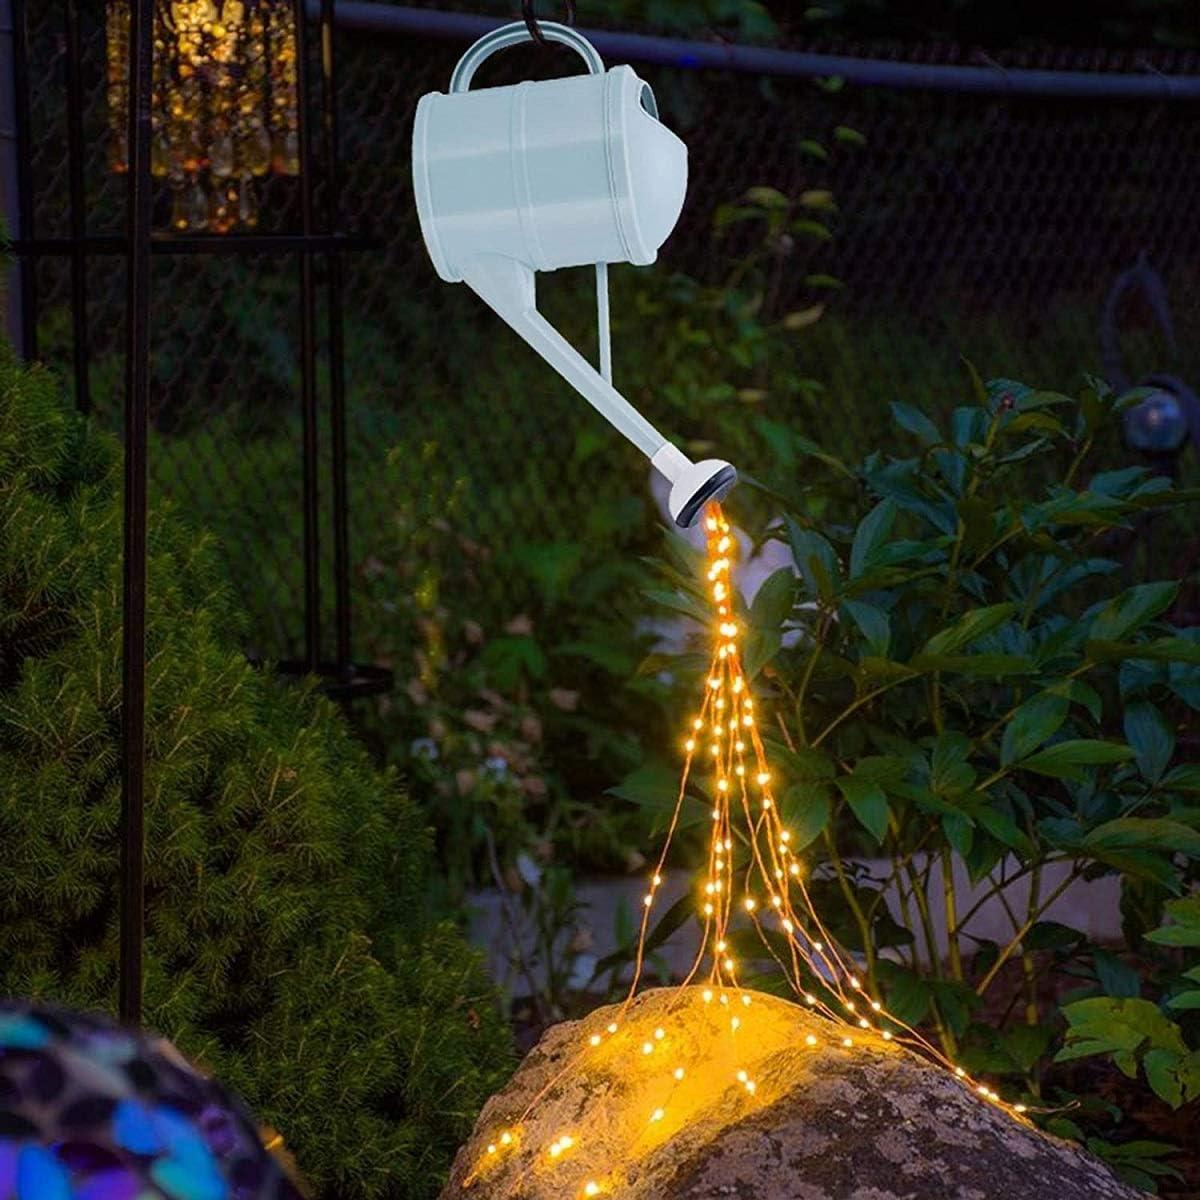 LinHut Jardín ducha luz de riego, caldera luz solar LED jardín arte luz decoración